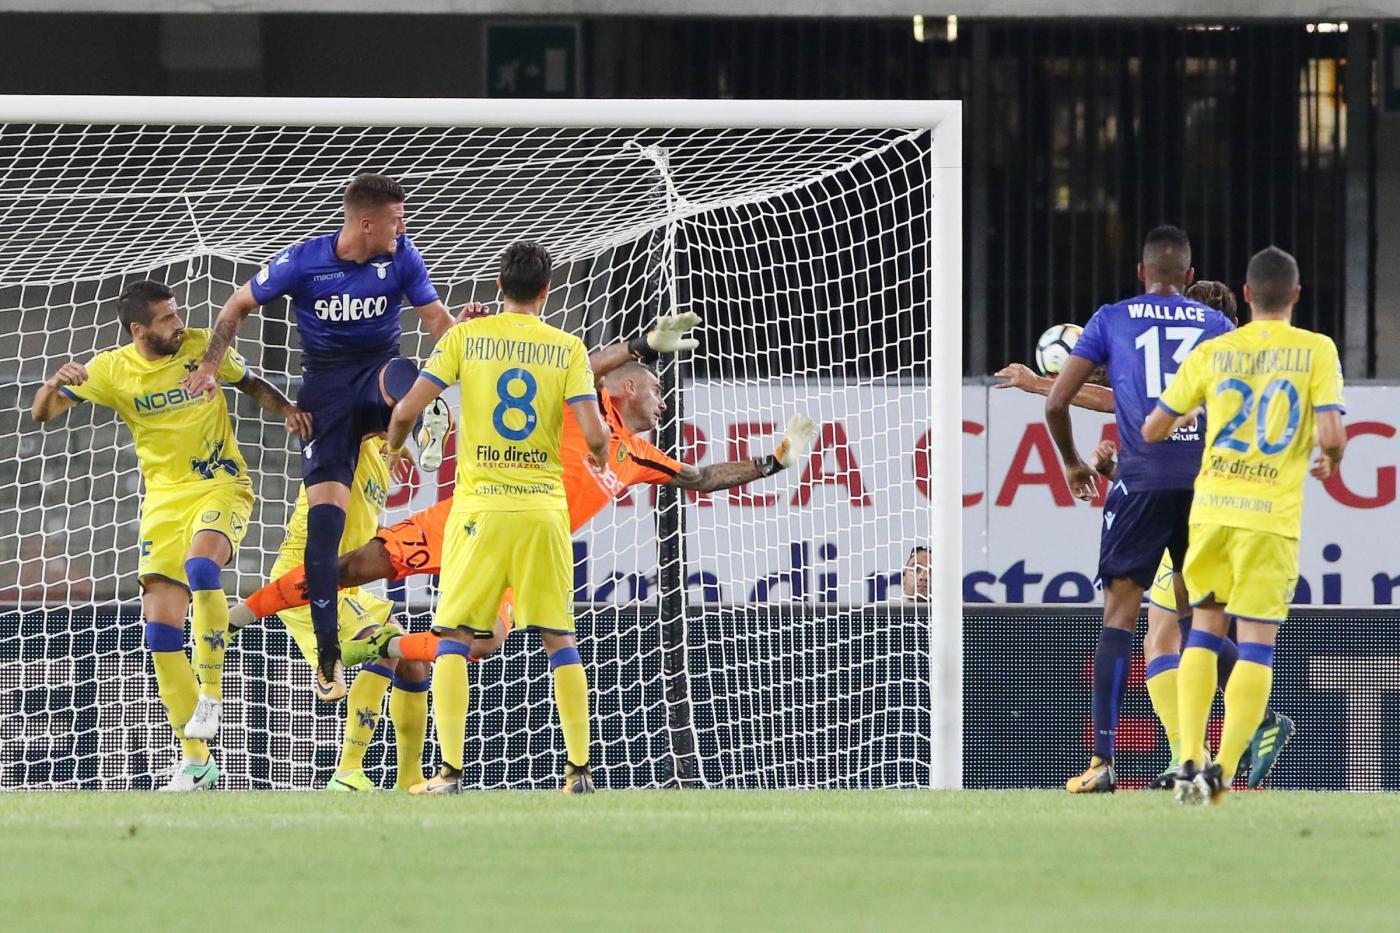 La Lazio trova la prima vittoria in campionato grazie a un gol di Milinkovic-Savic a un minuto dalla fine. 2-1 il risultato finale con il Chievo battuto al Bentegodi. Nel primo tempo le reti di Immobile e Pucciarelli